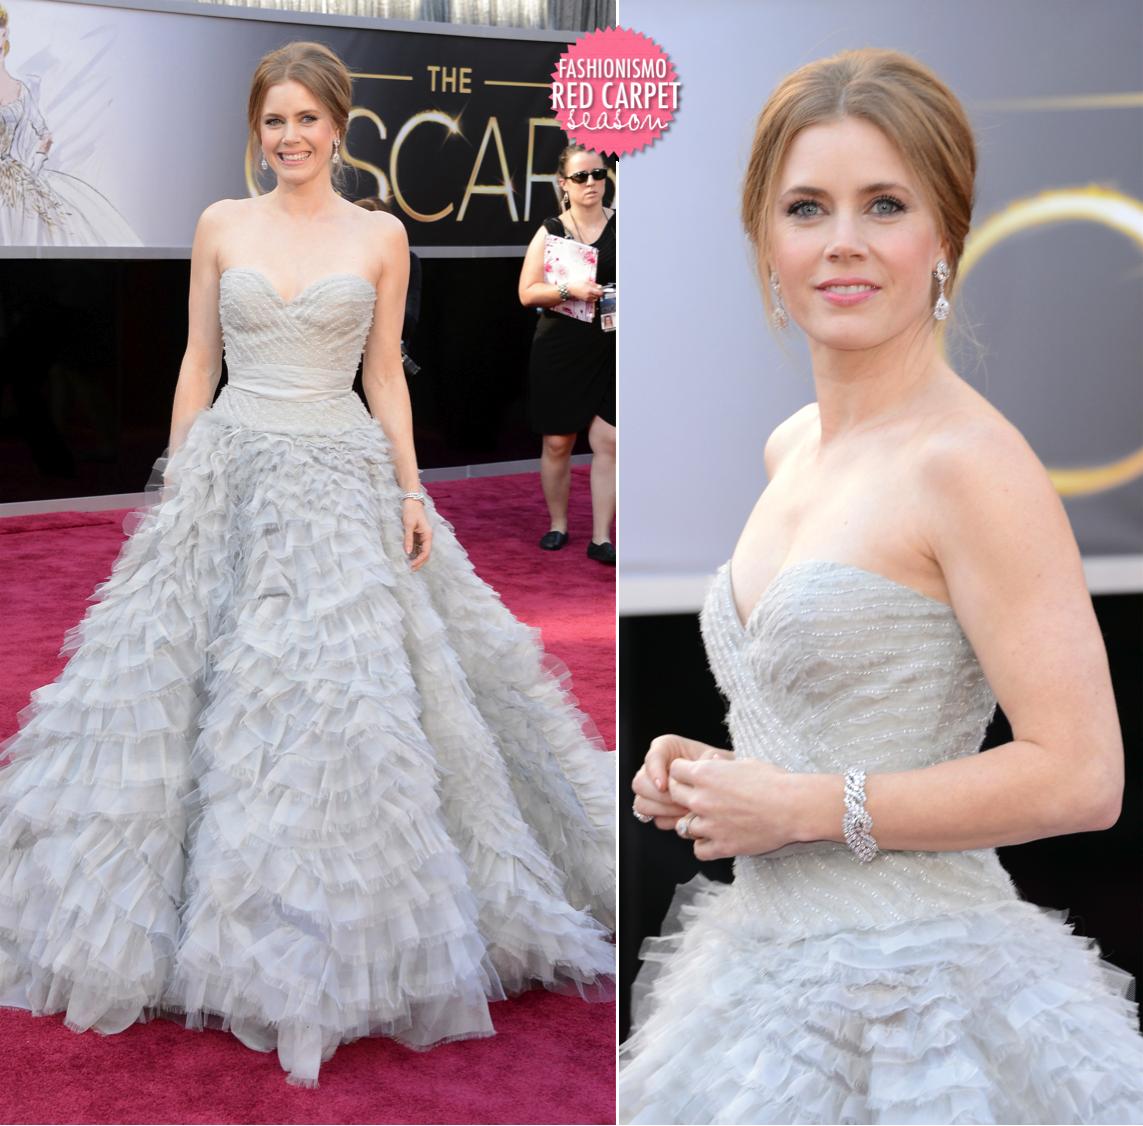 Oscar 2013: Amy Adams - Fashionismo